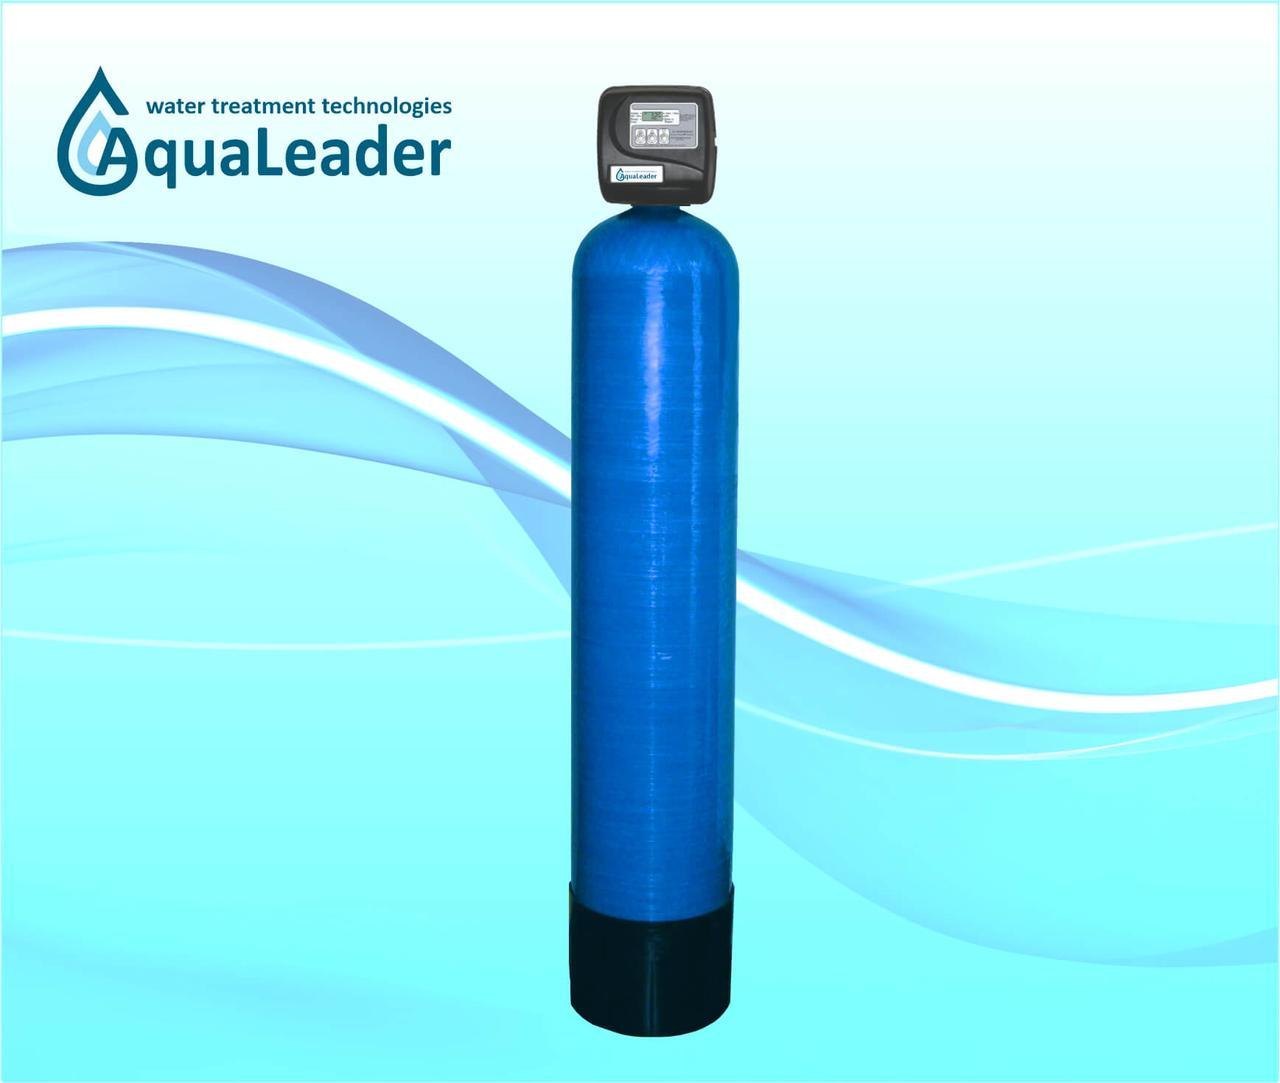 Фильтр для очистки воды железа  FPB 1054, Clack Corporation, USA